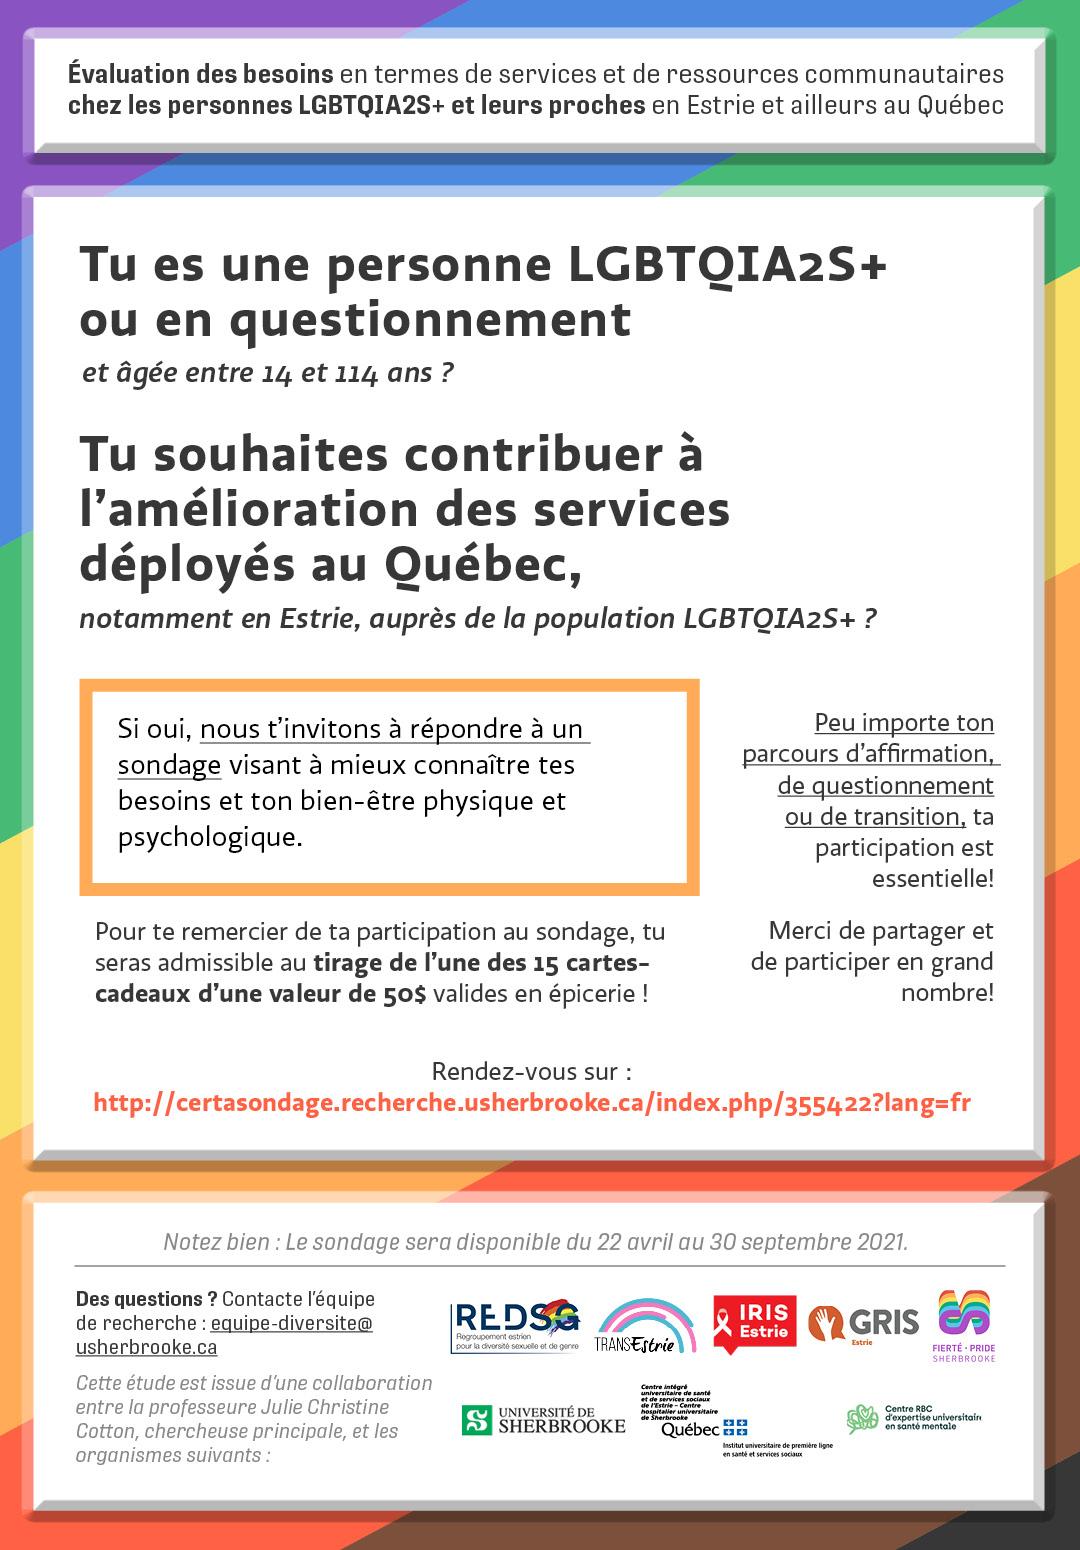 APPEL À PARTICIPATION : Personnes LGBTQIA2S+ ou en questionnement recherchées!